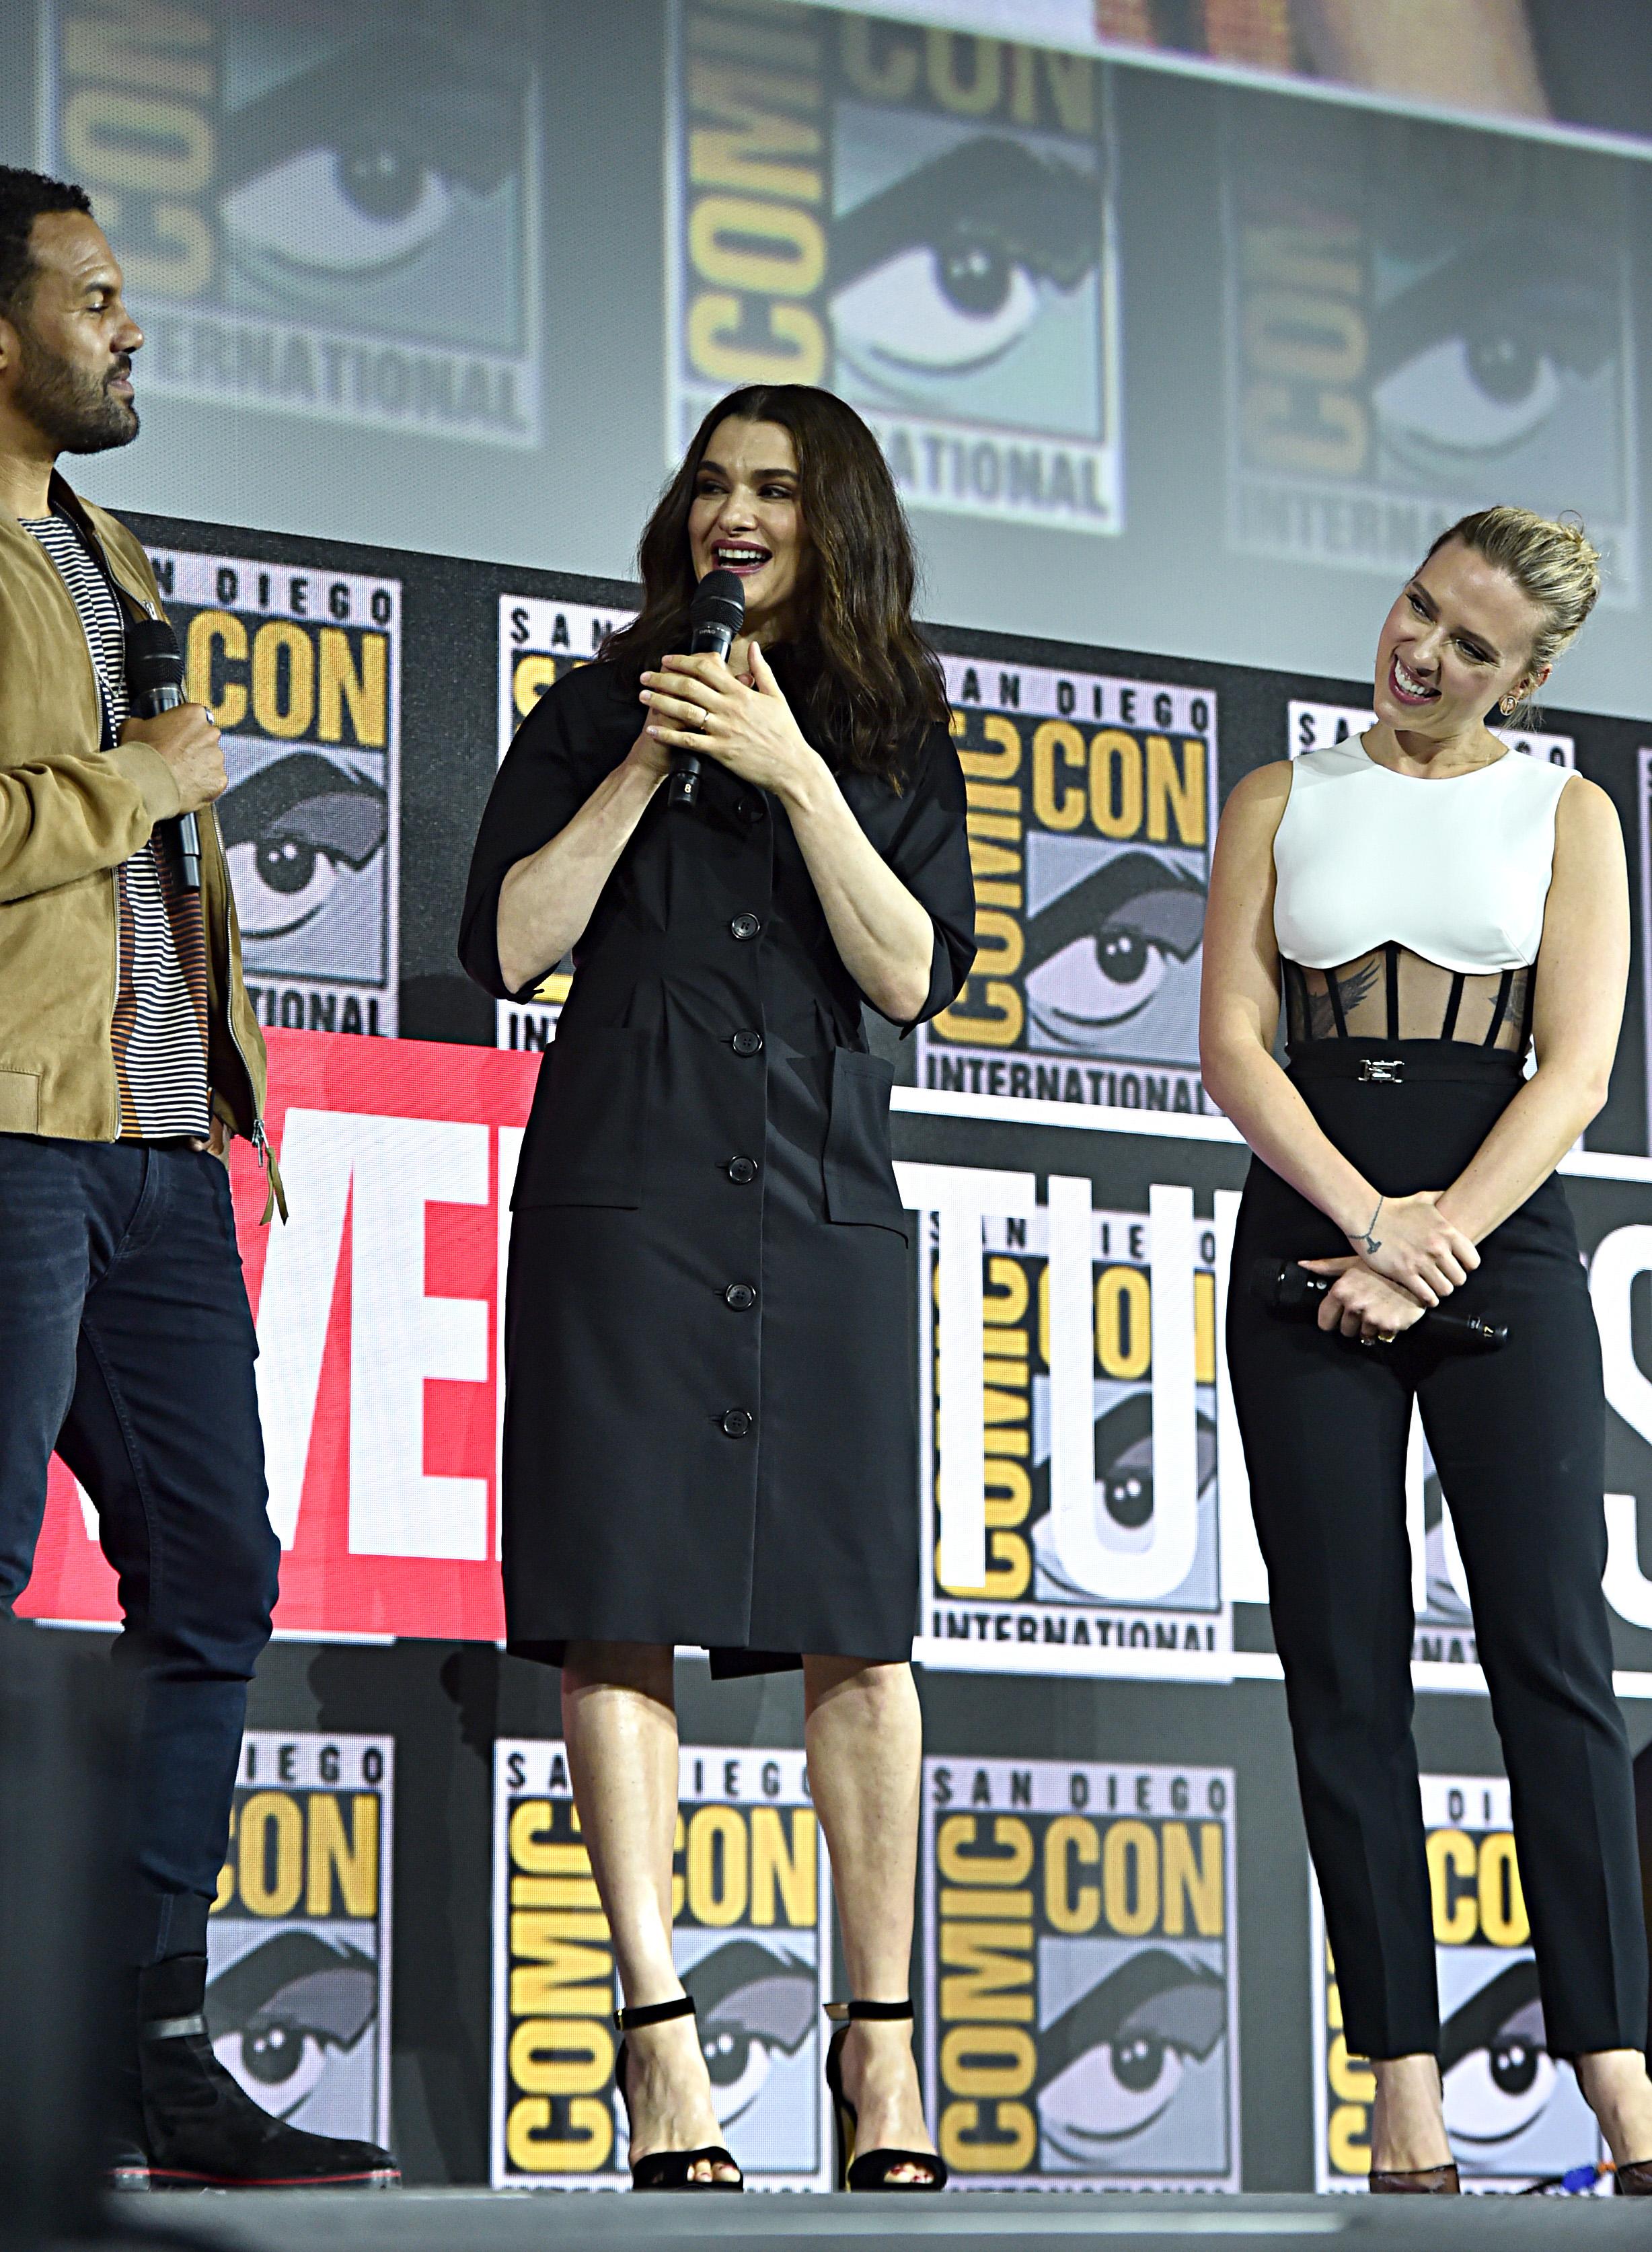 Rachel Weisz, Scarlett Johansson, and O-T Fagbenle at an event for Black Widow (2021)